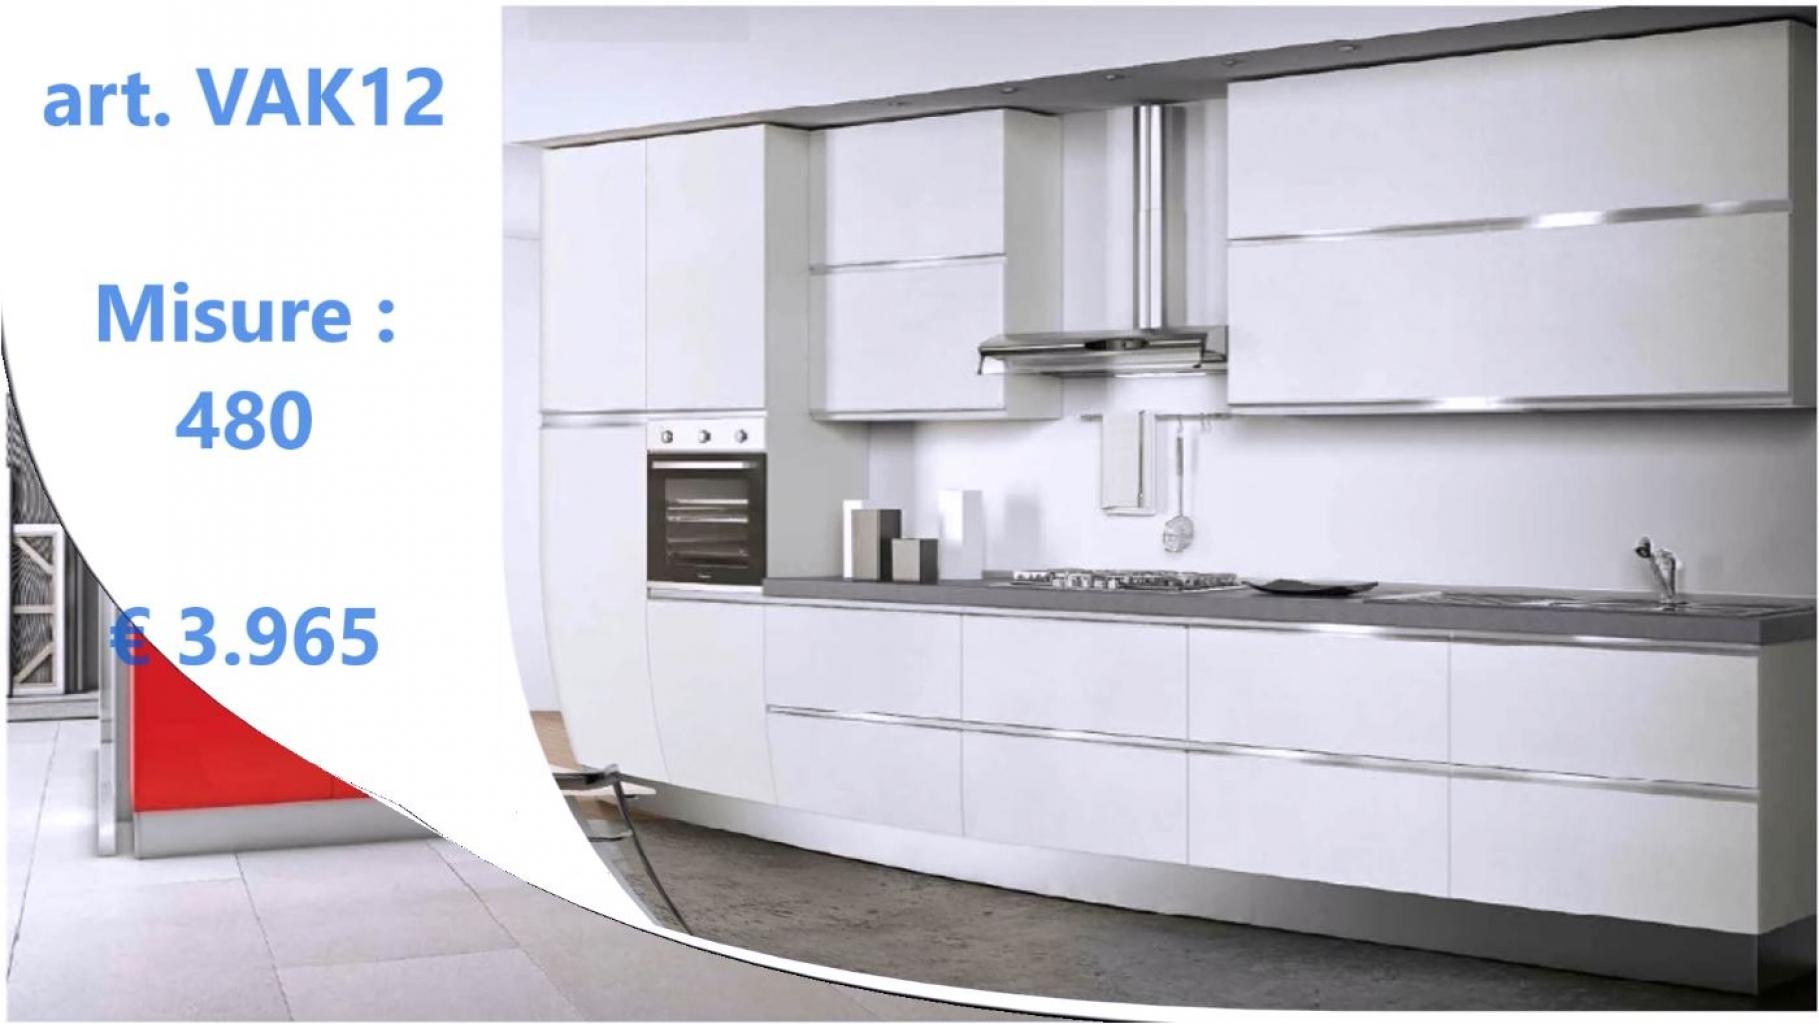 Video promozioni sconti offerte su armadi cucine mobili for Cerco cucine componibili nuove in offerta